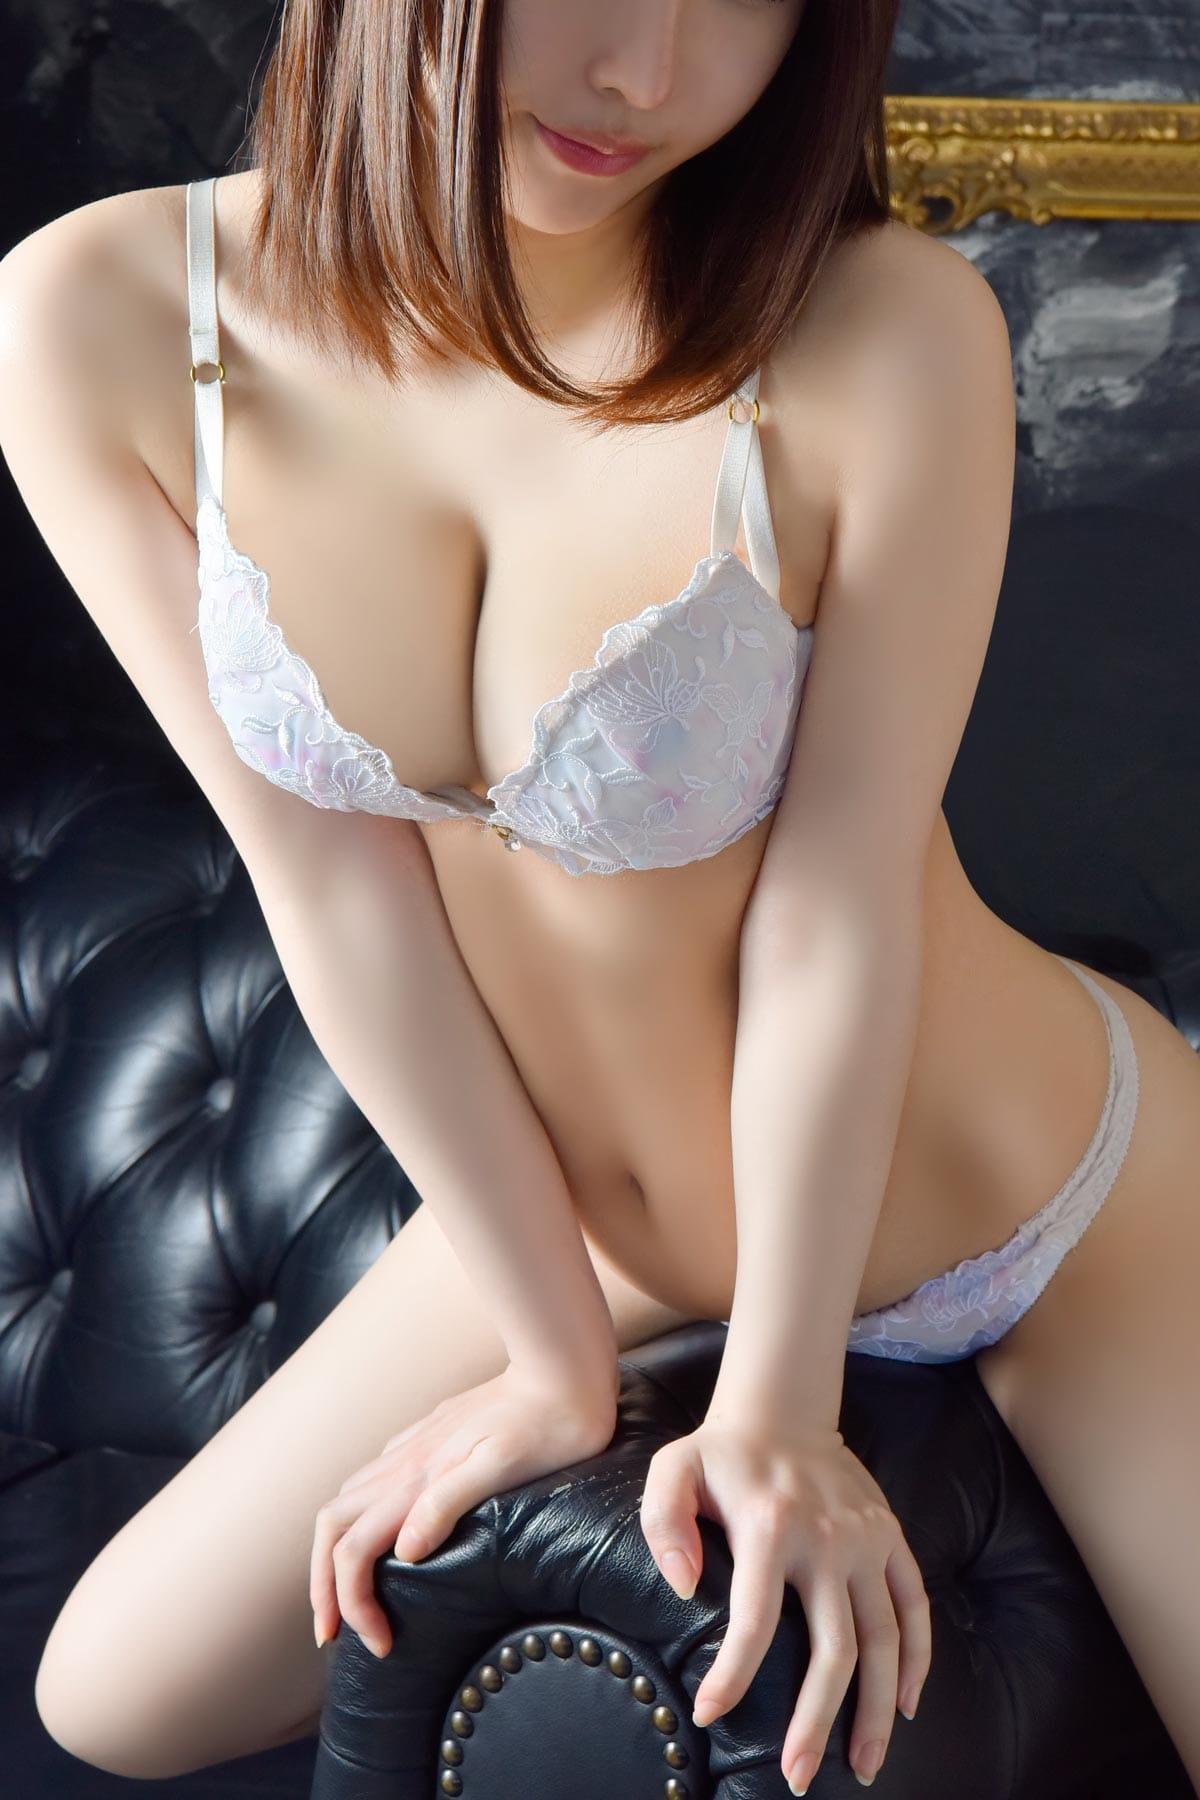 幼さの残る色白Fカップ美少女:メートルドテル(新宿高級デリヘル)